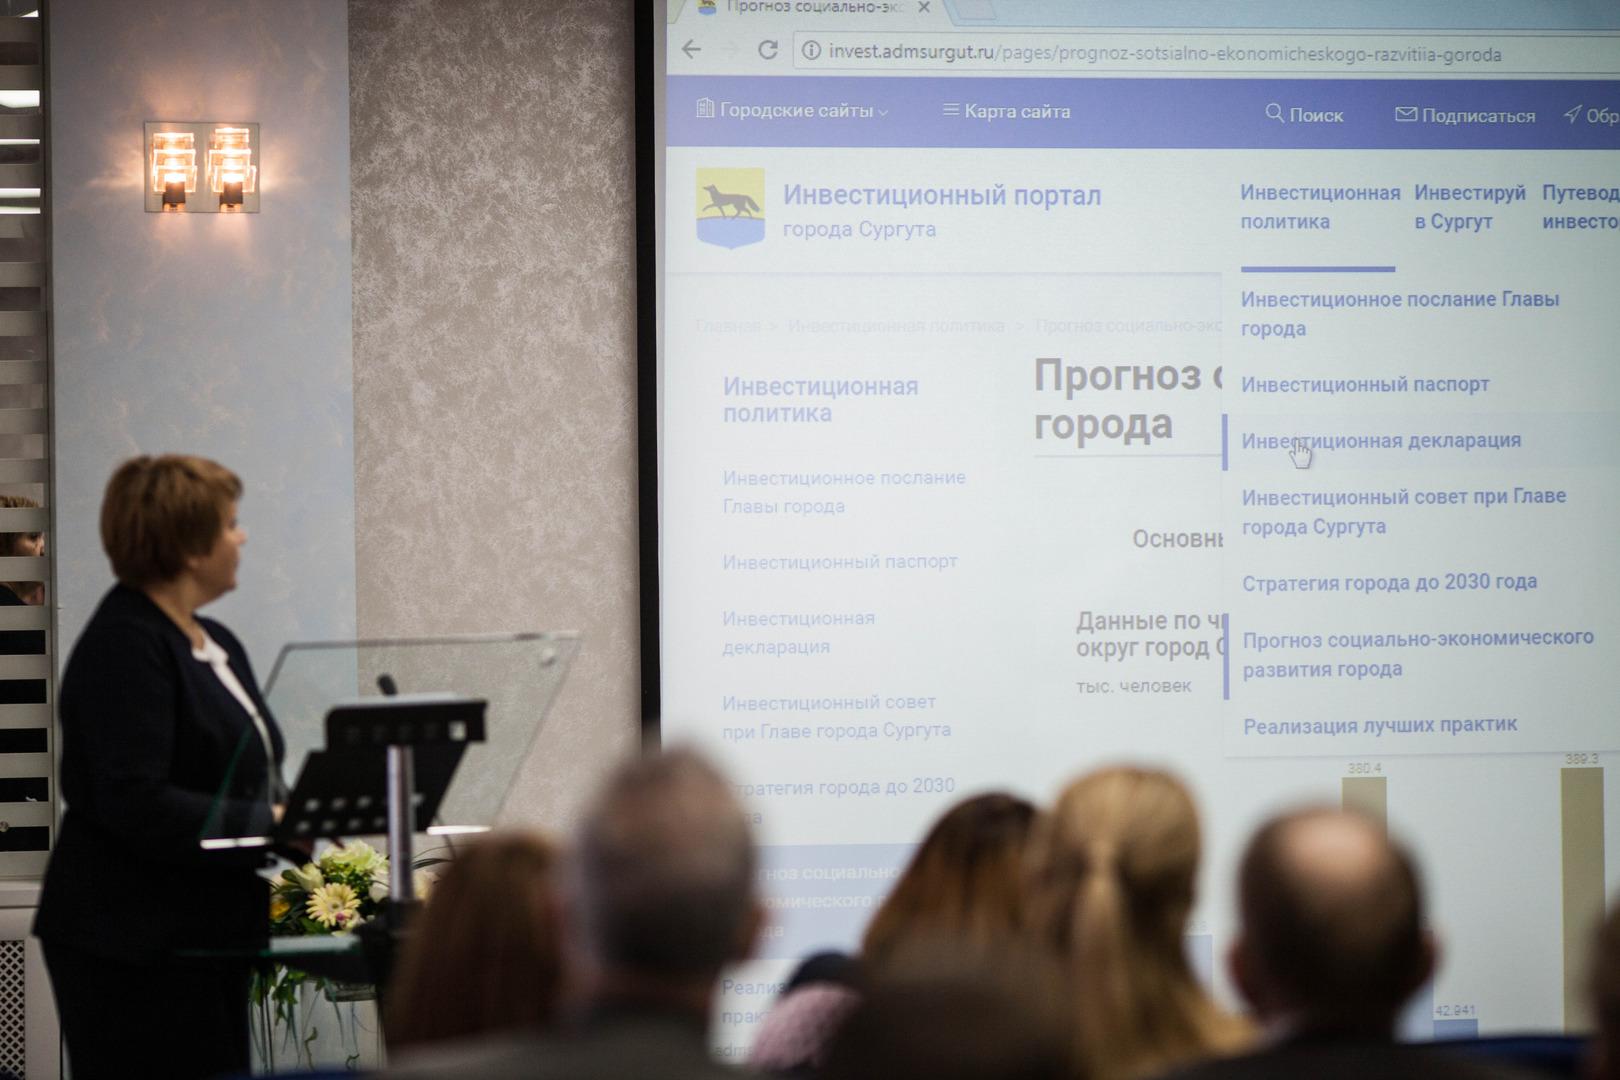 Презентация invest.admsurgut.ru на расширенном заседании инвестиционного и координационного совета города Сургута